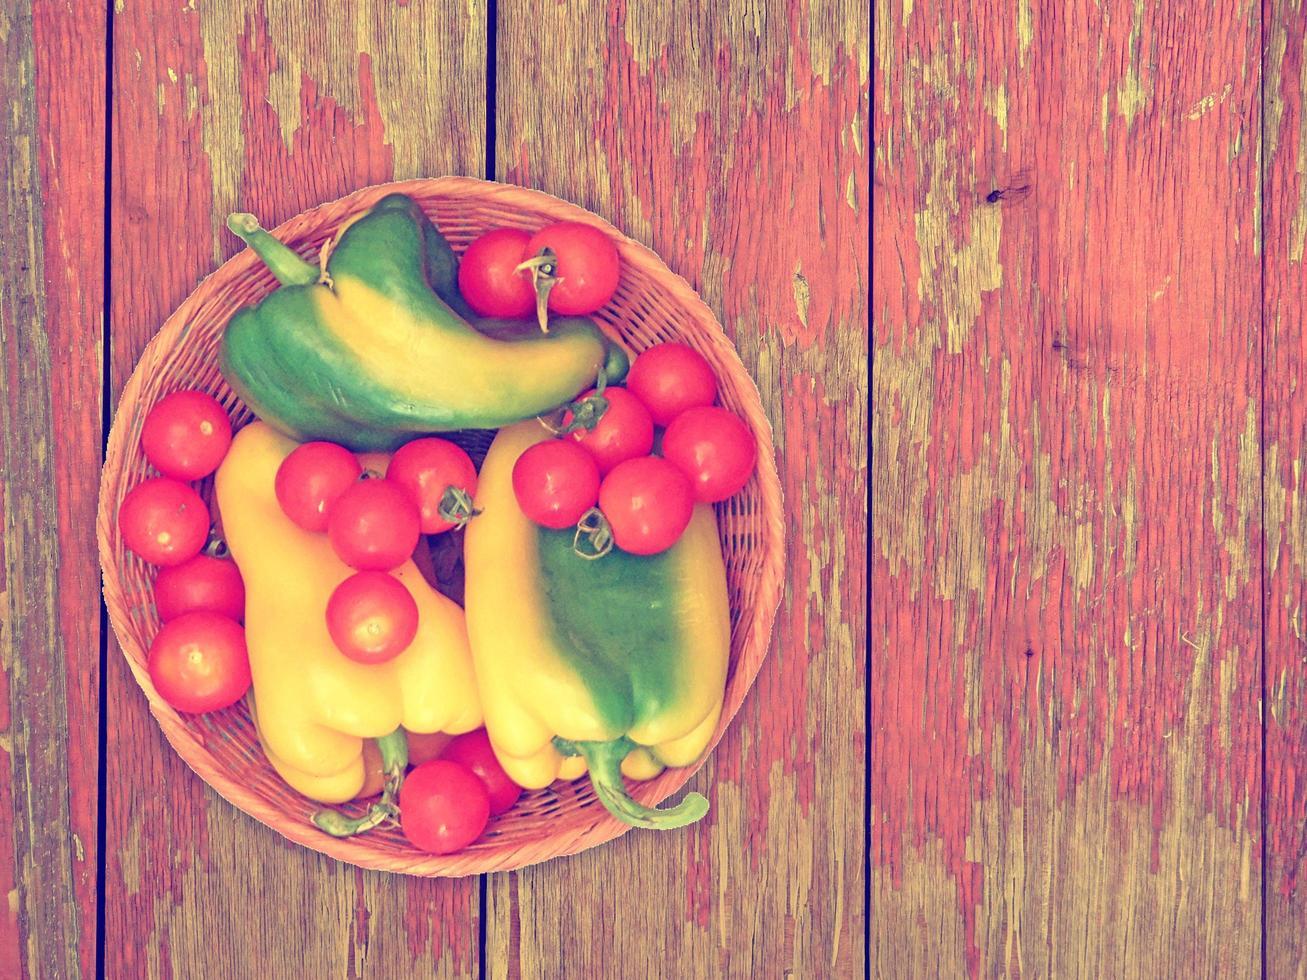 verdure su fondo in legno foto